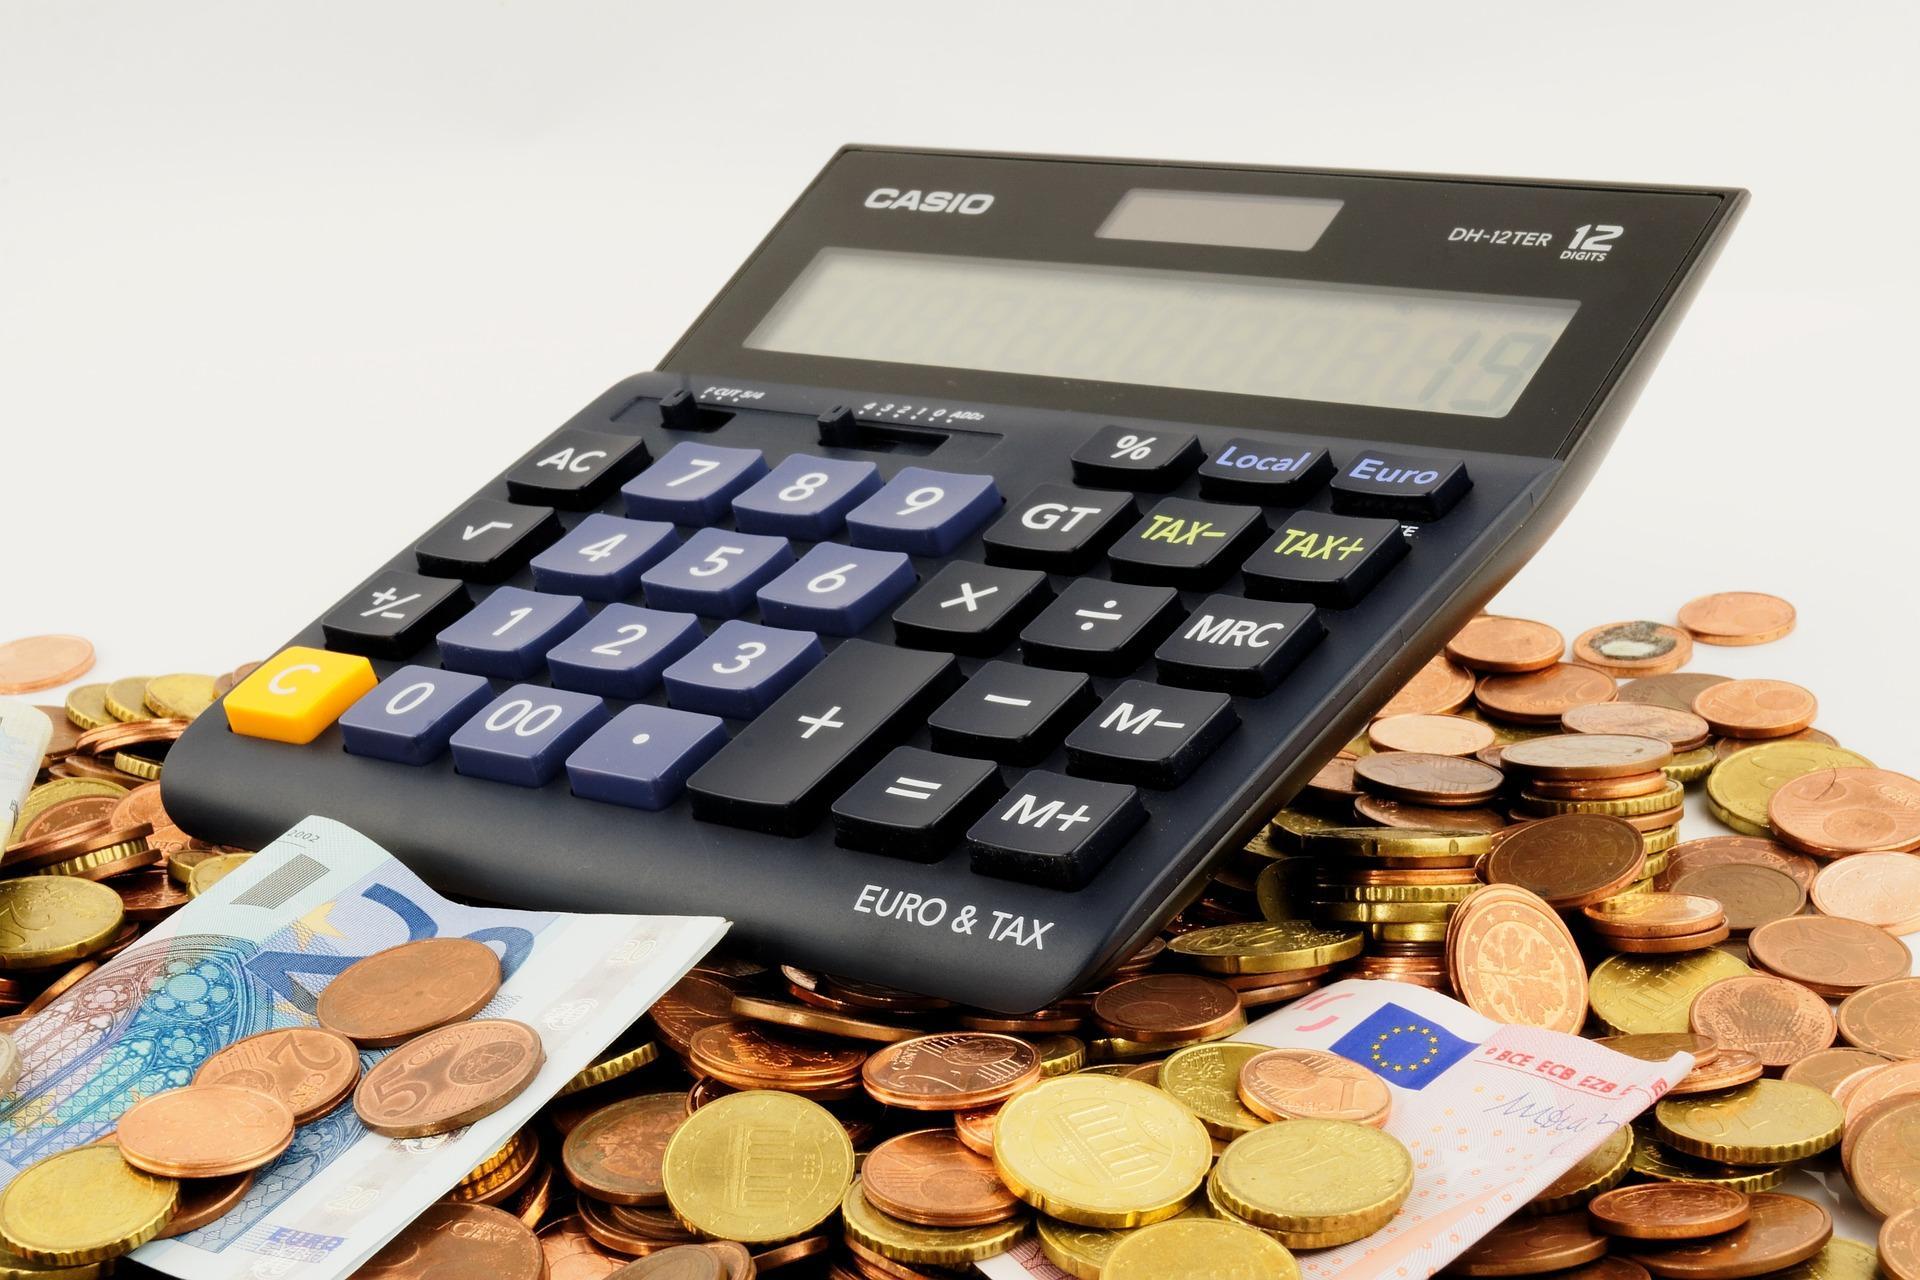 Gewerbliche Zwischenvermieter - und die Rückstellung für Betriebskostennachzahlungen